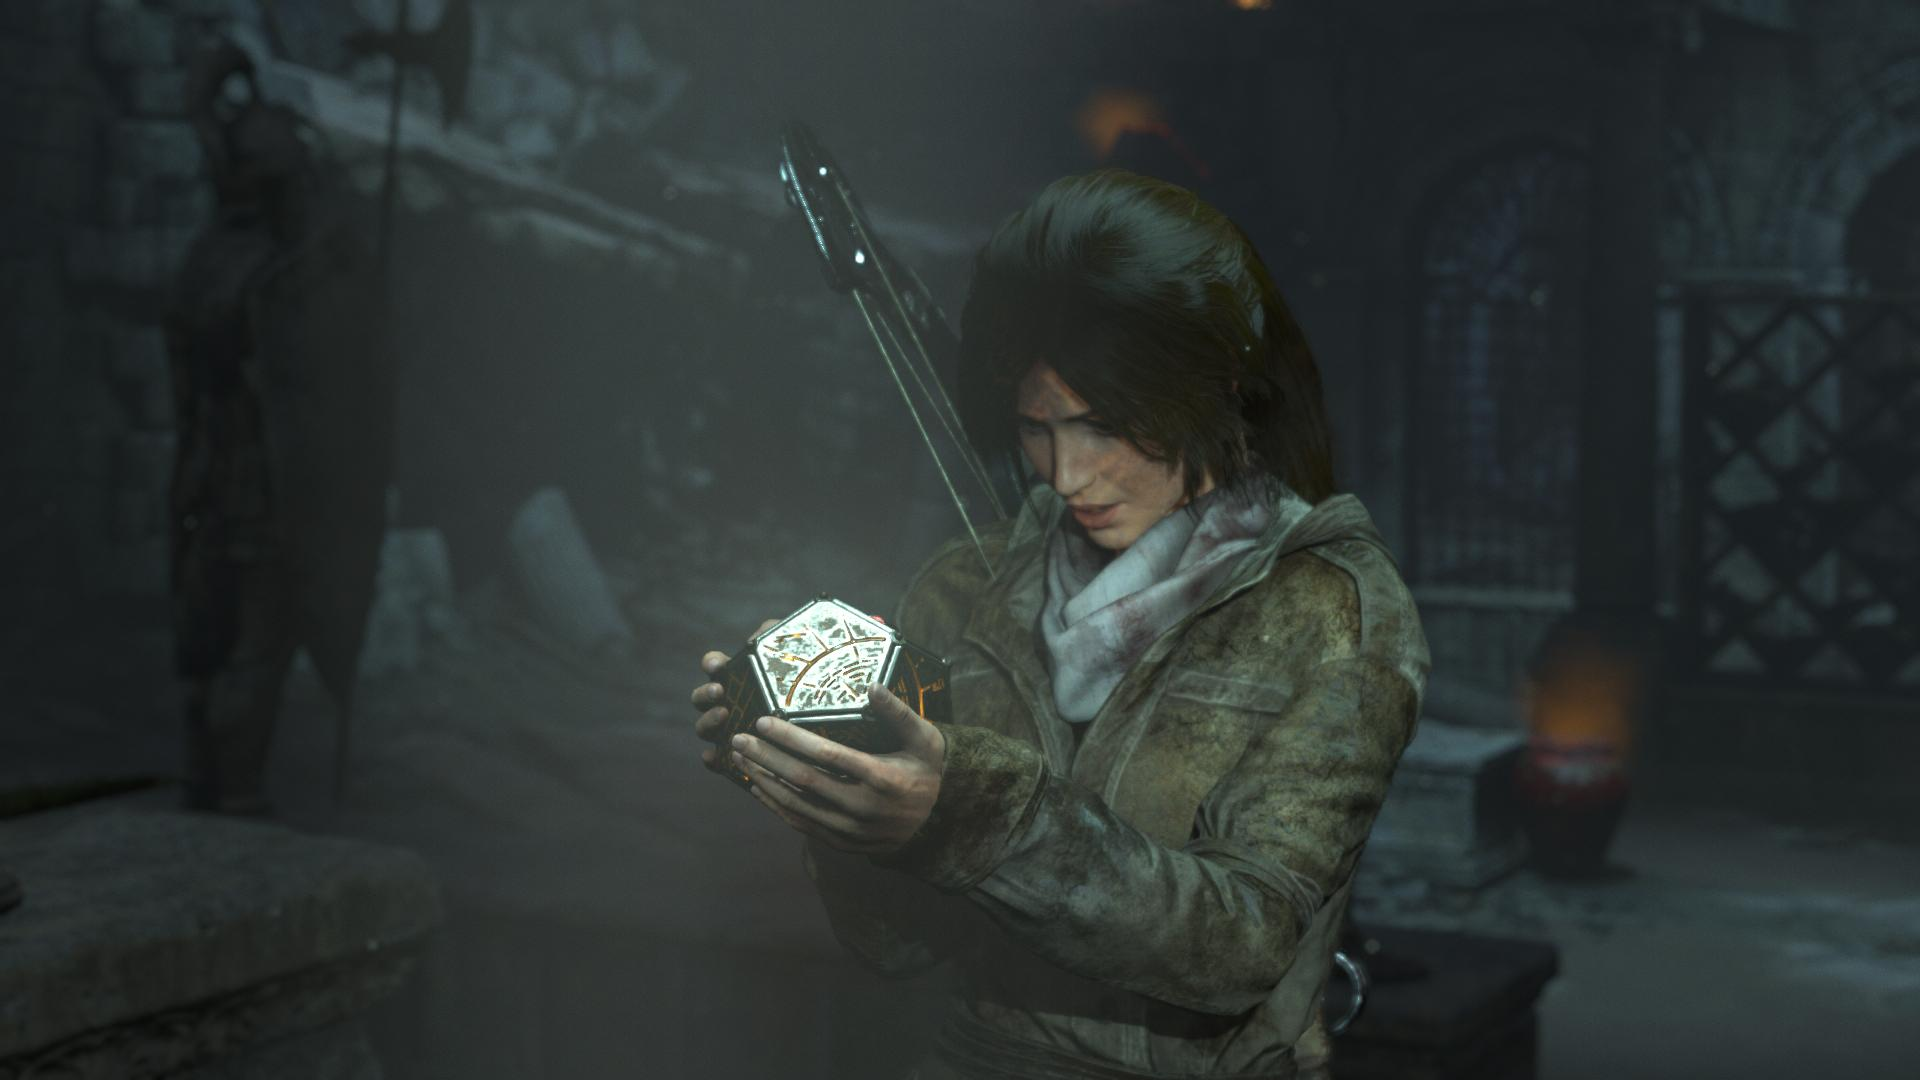 古墓丽影:崛起(Rise of the Tomb Raider)免安装简繁中文绿色版 DLC 升级档 网盘下载